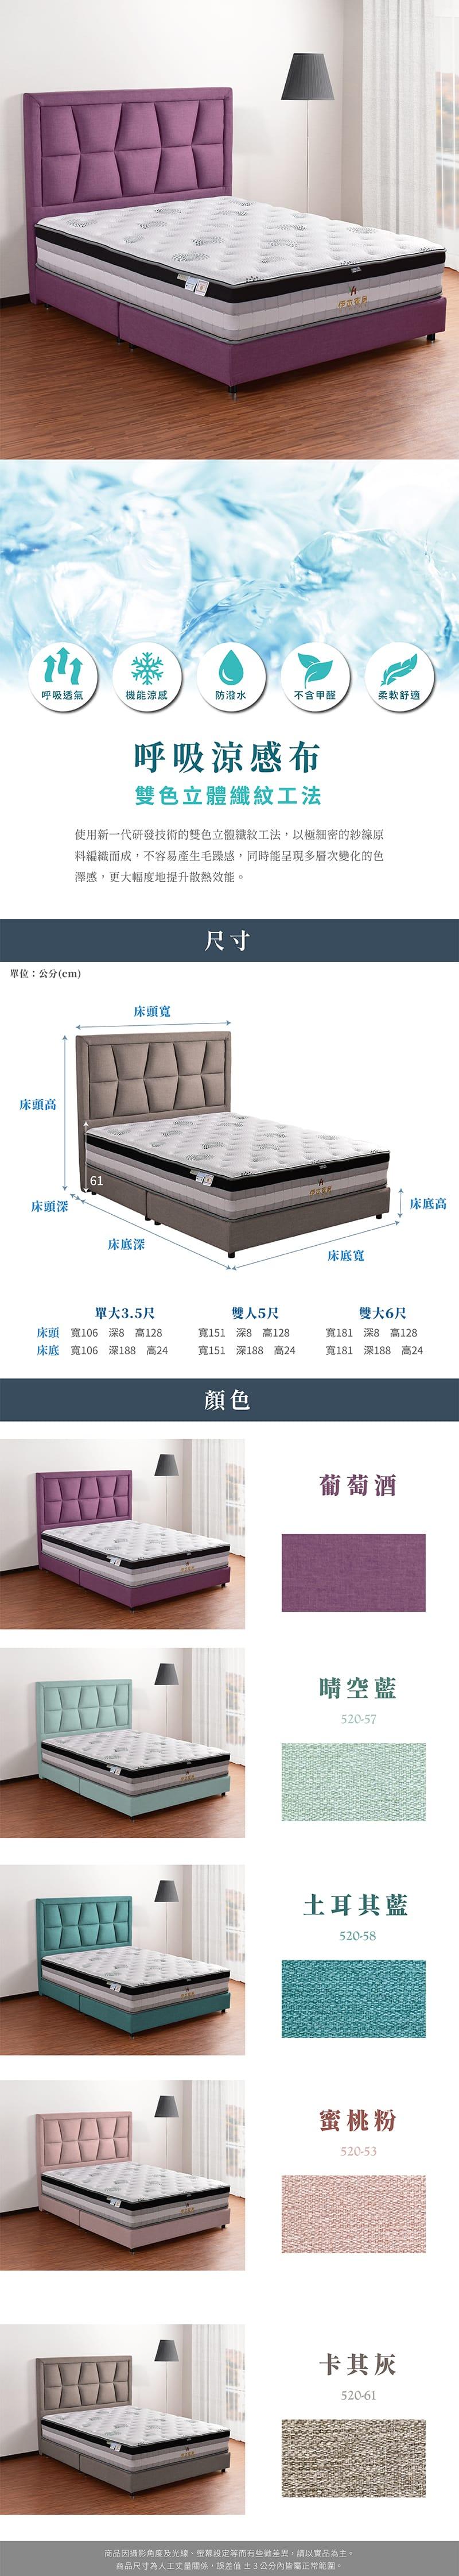 威尼斯 涼感布床組兩件 單人加大3.5尺(床頭片+床底)